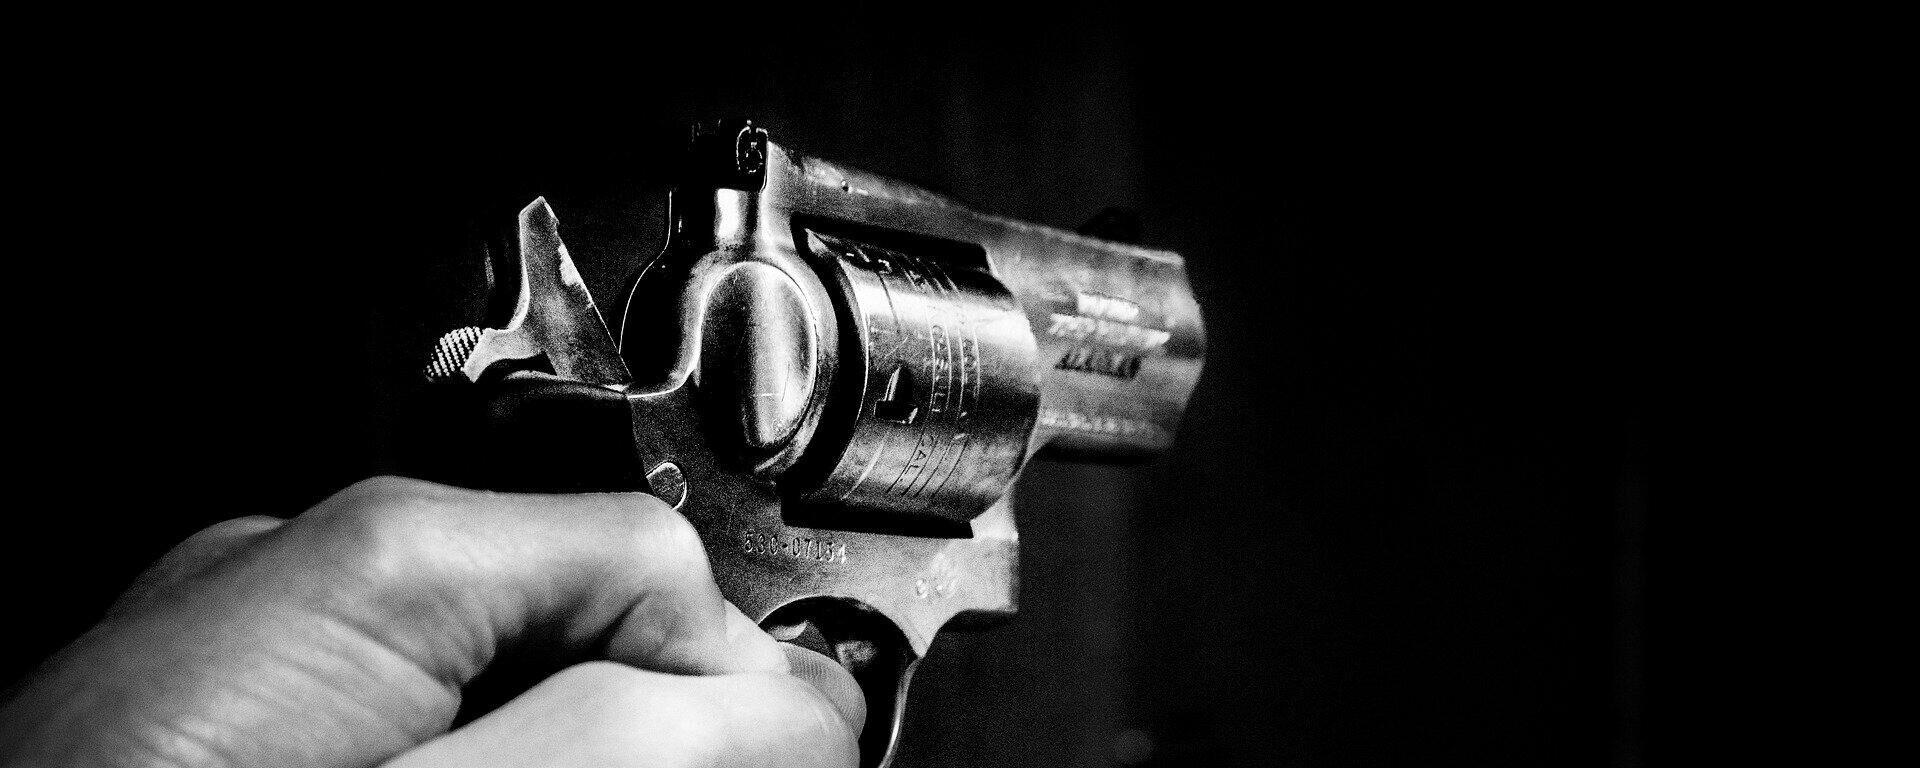 Pistole (Symbolbild) - SNA, 1920, 03.06.2021